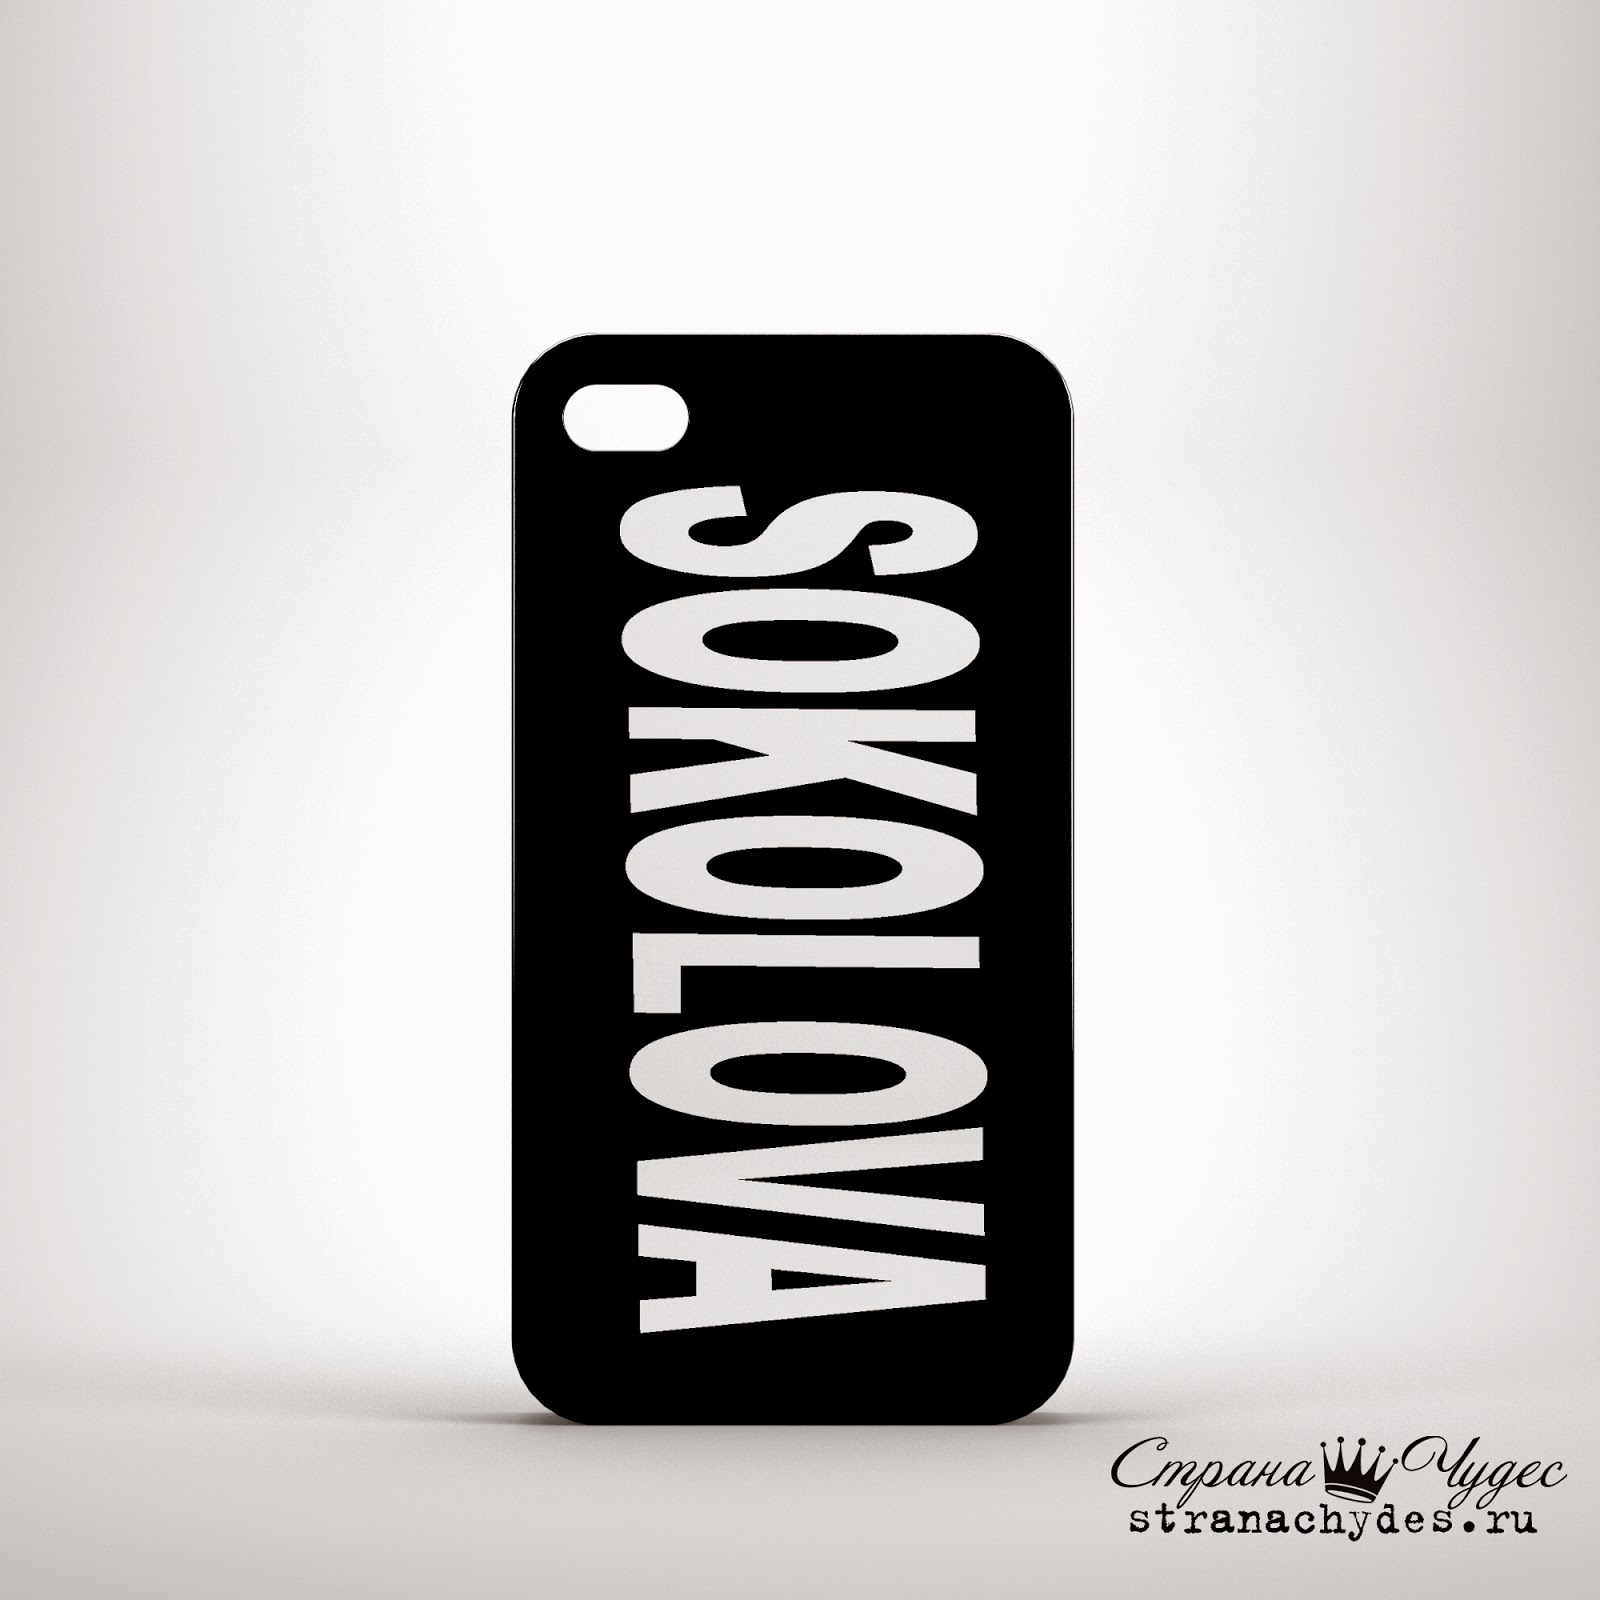 Чехлы на iPhone 4/4S/5/5S Краснодар